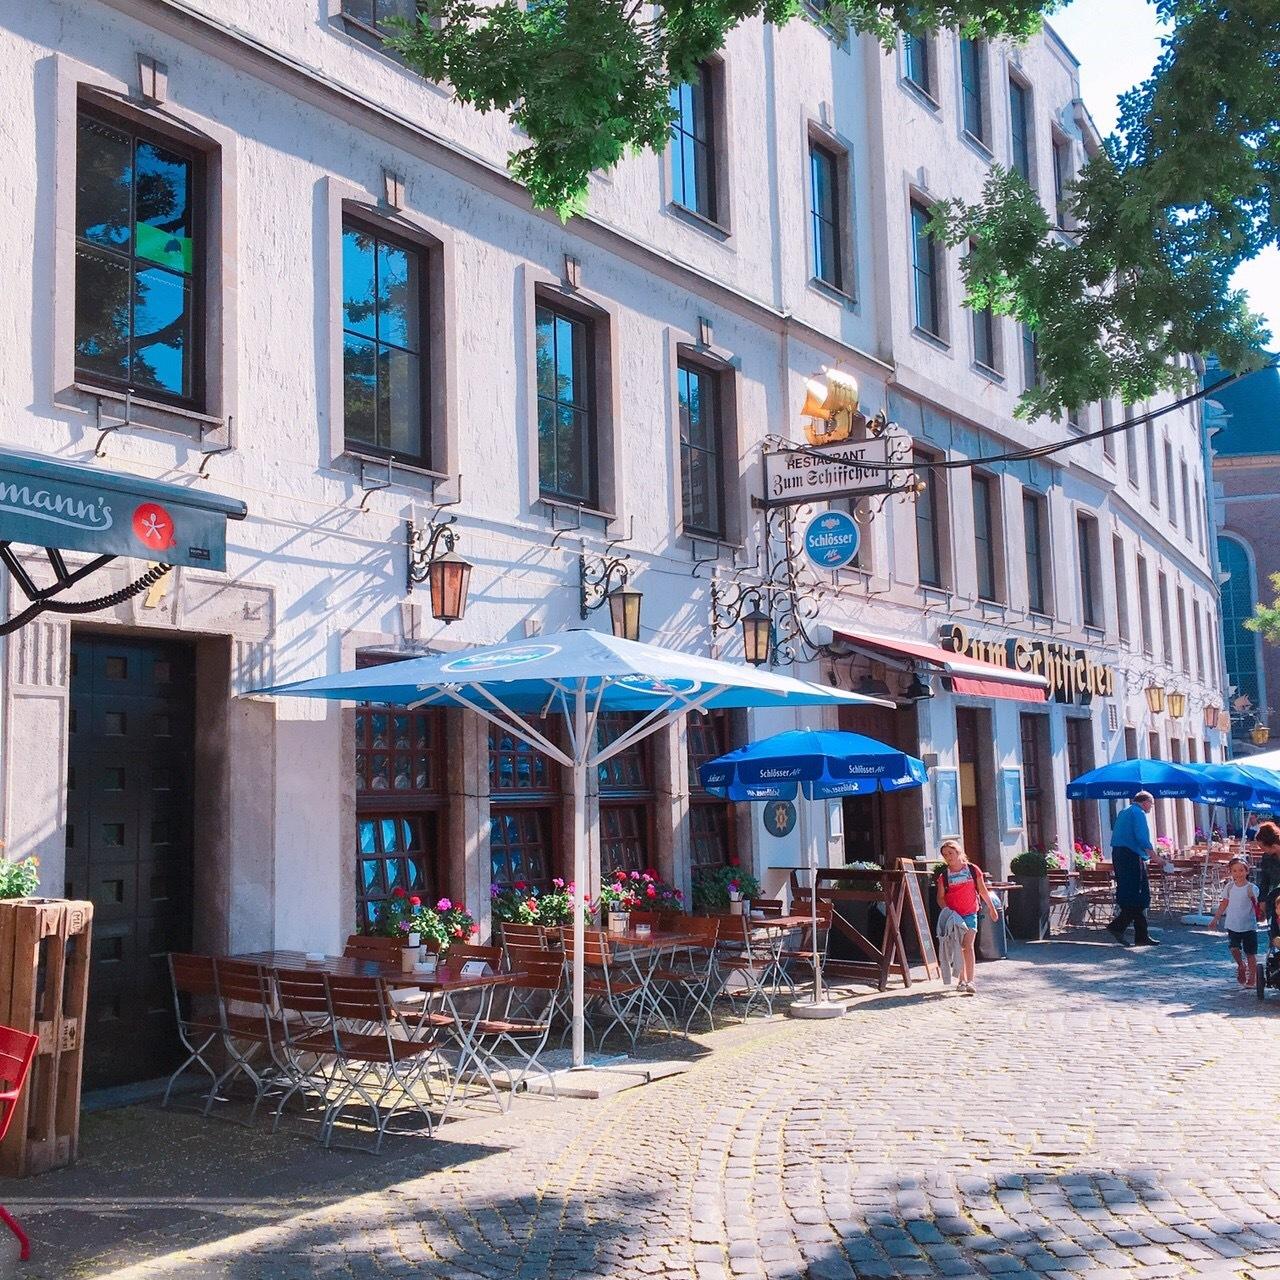 ドイツ -帰国子女が教えるマル秘スポット【デュッセルドルフ】の街を歩く-_1_4-3